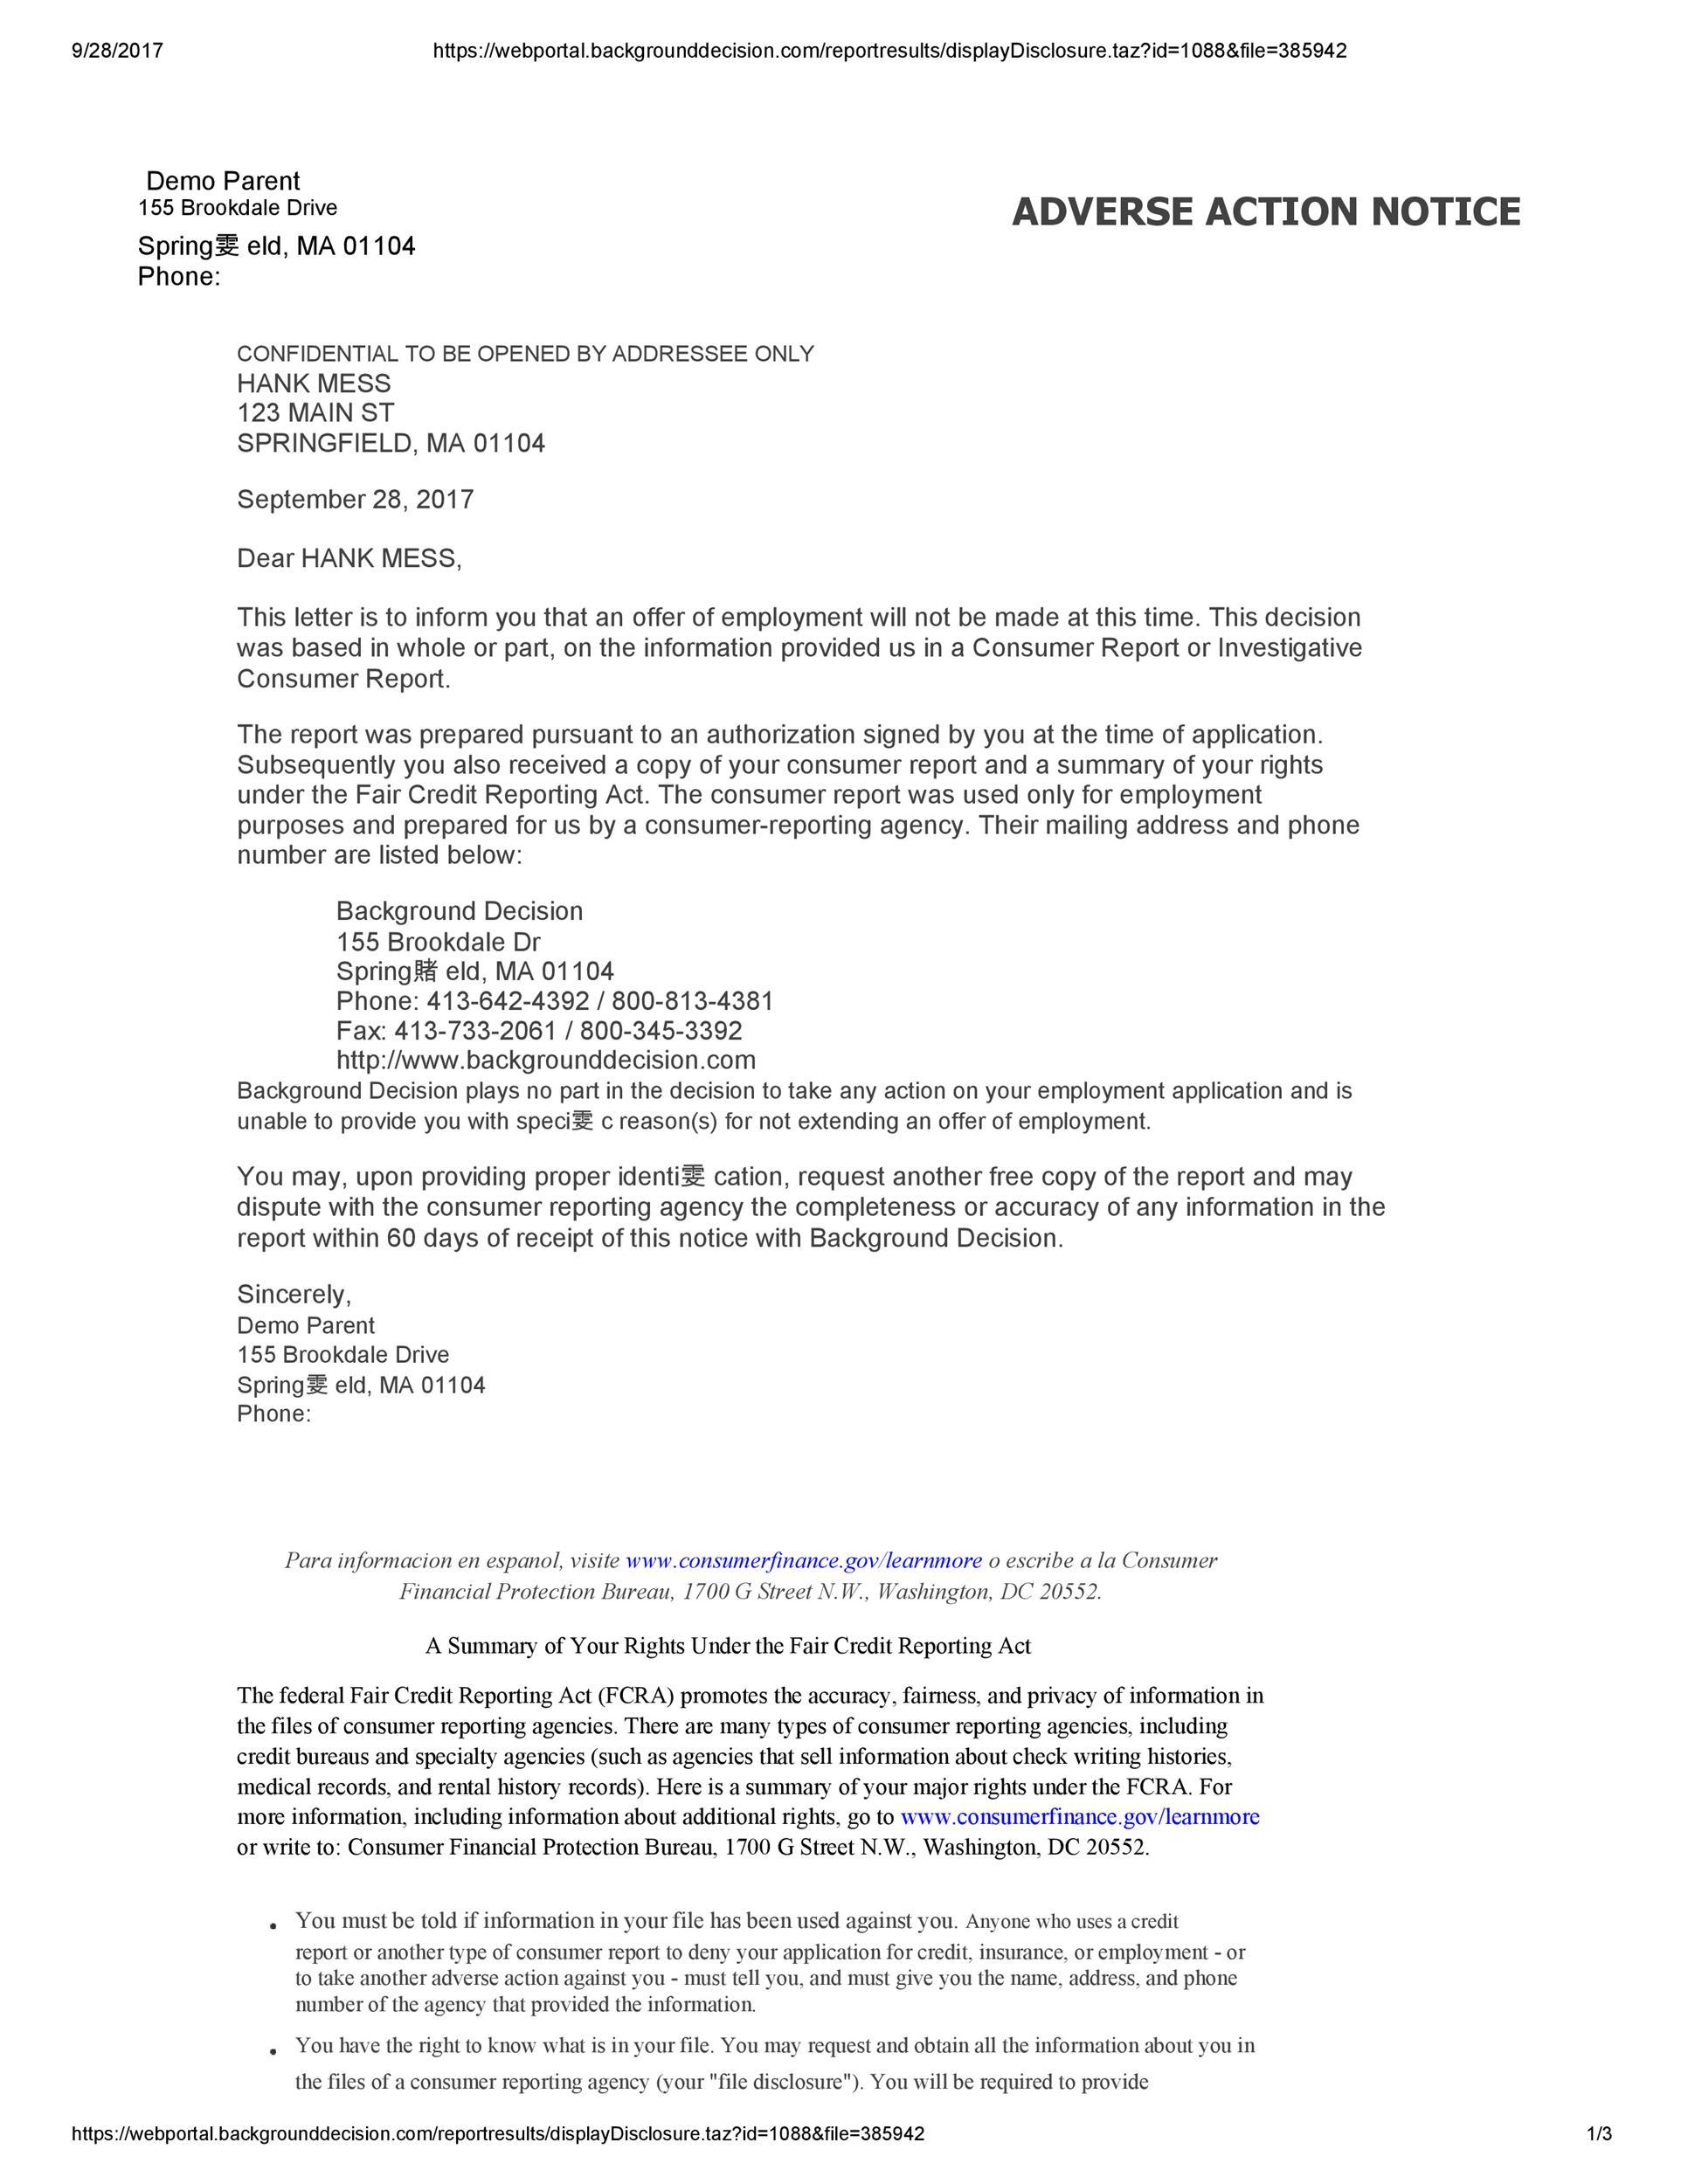 Free adverse action notice 43